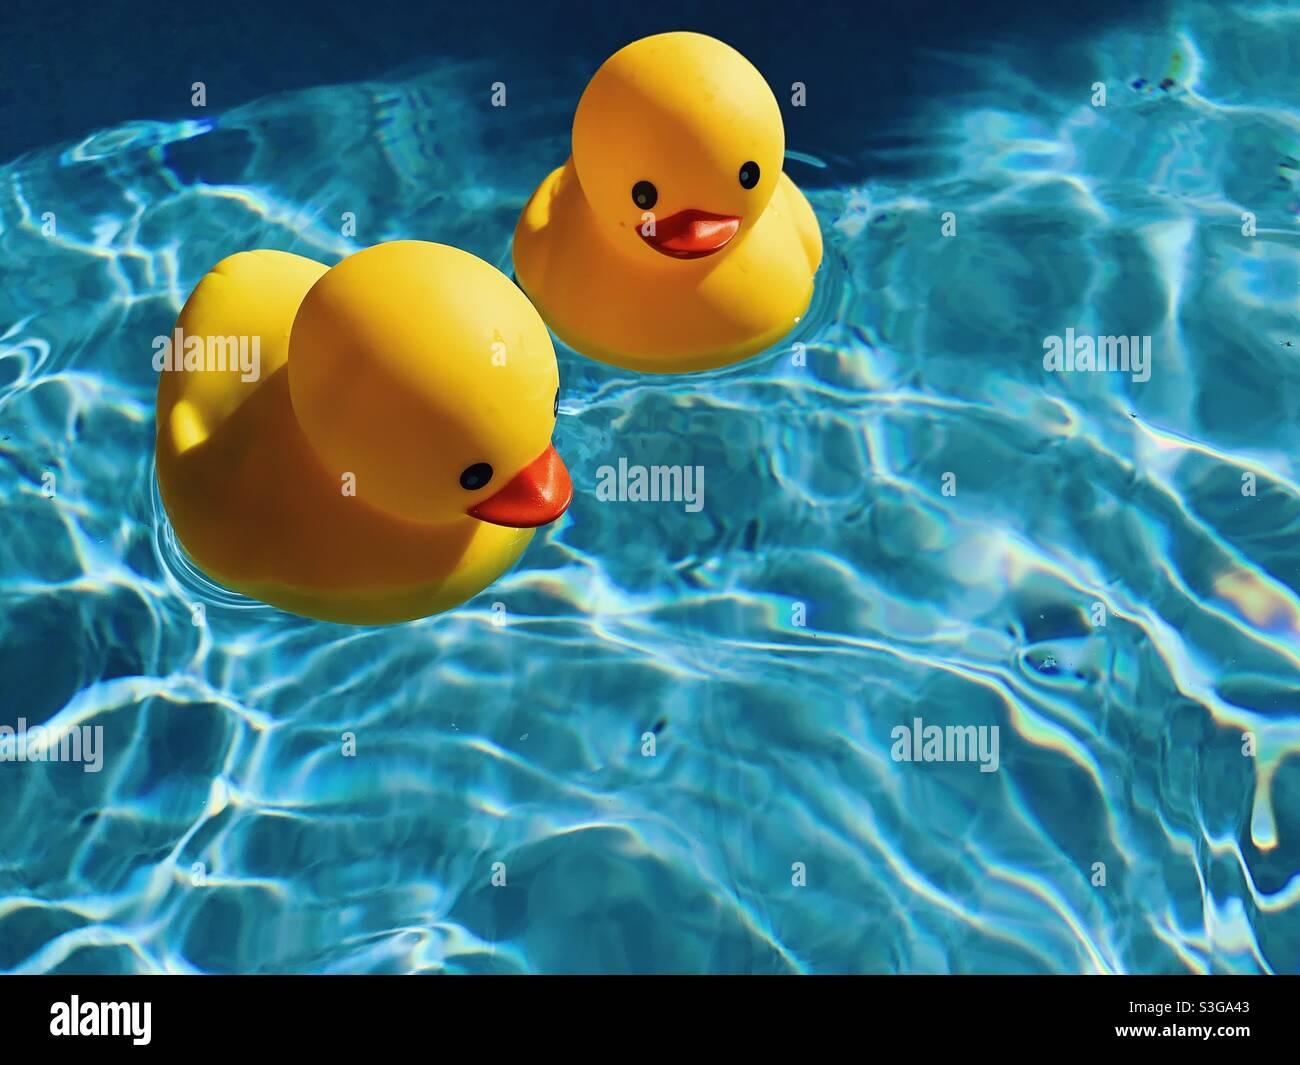 An einem heißen, sonnigen Sommertag schwimmen zwei gelbe Gummiduckies in einem Außenpool. Stockfoto